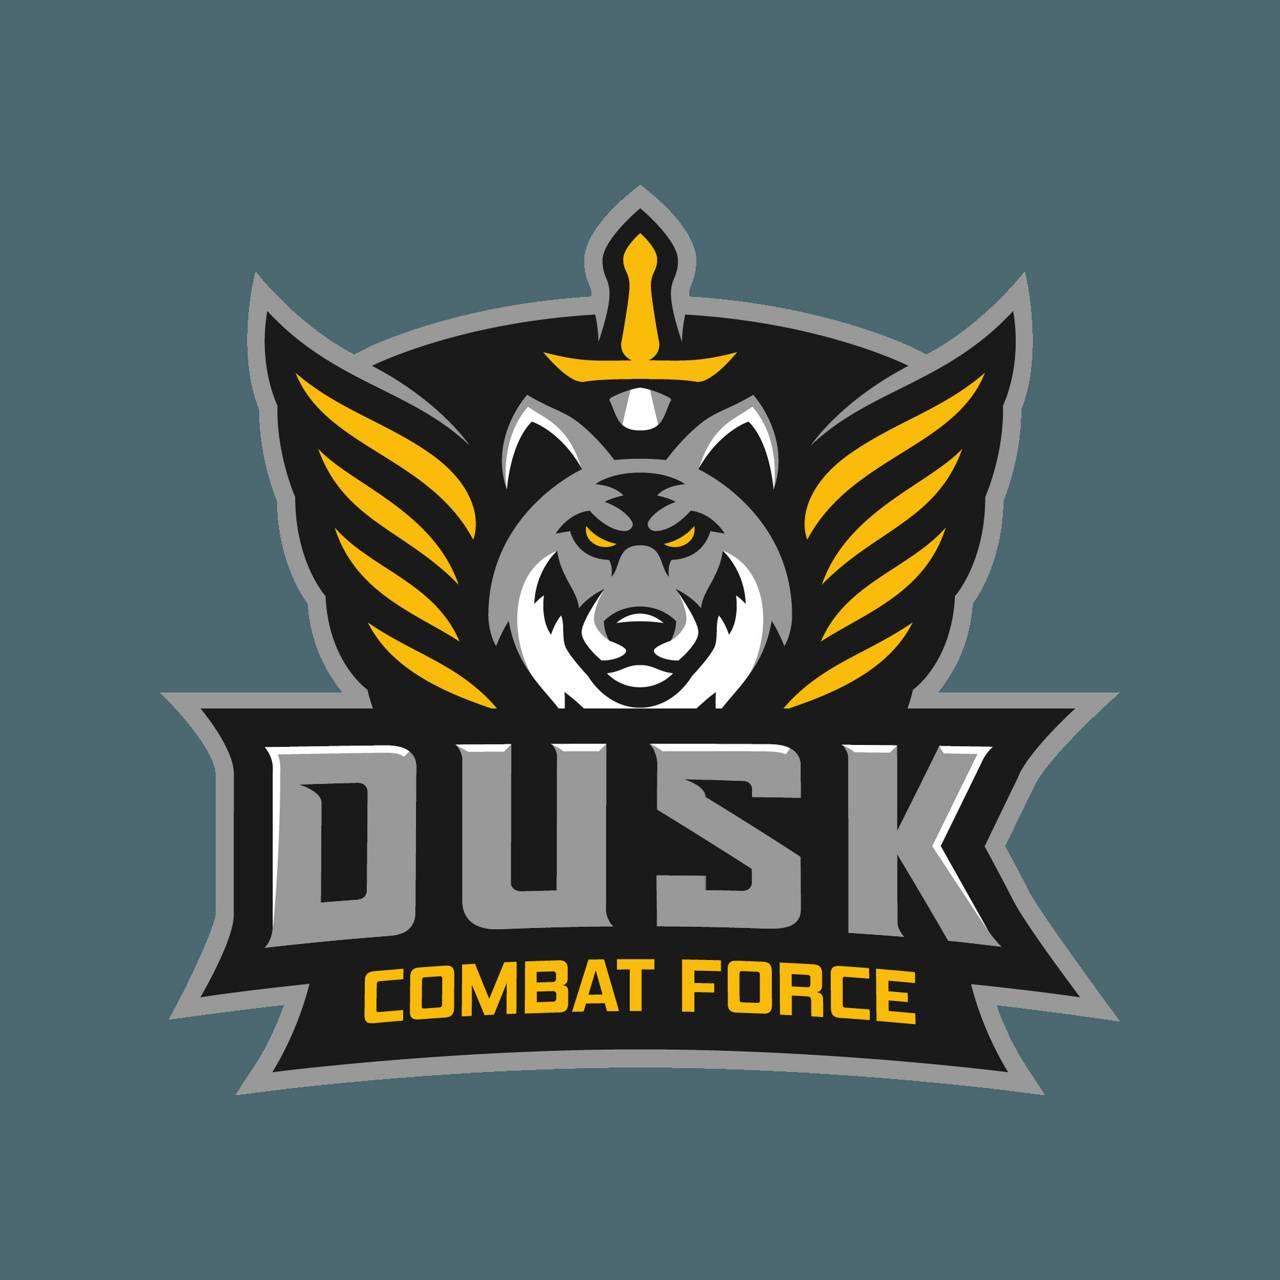 DUSK Combat Force